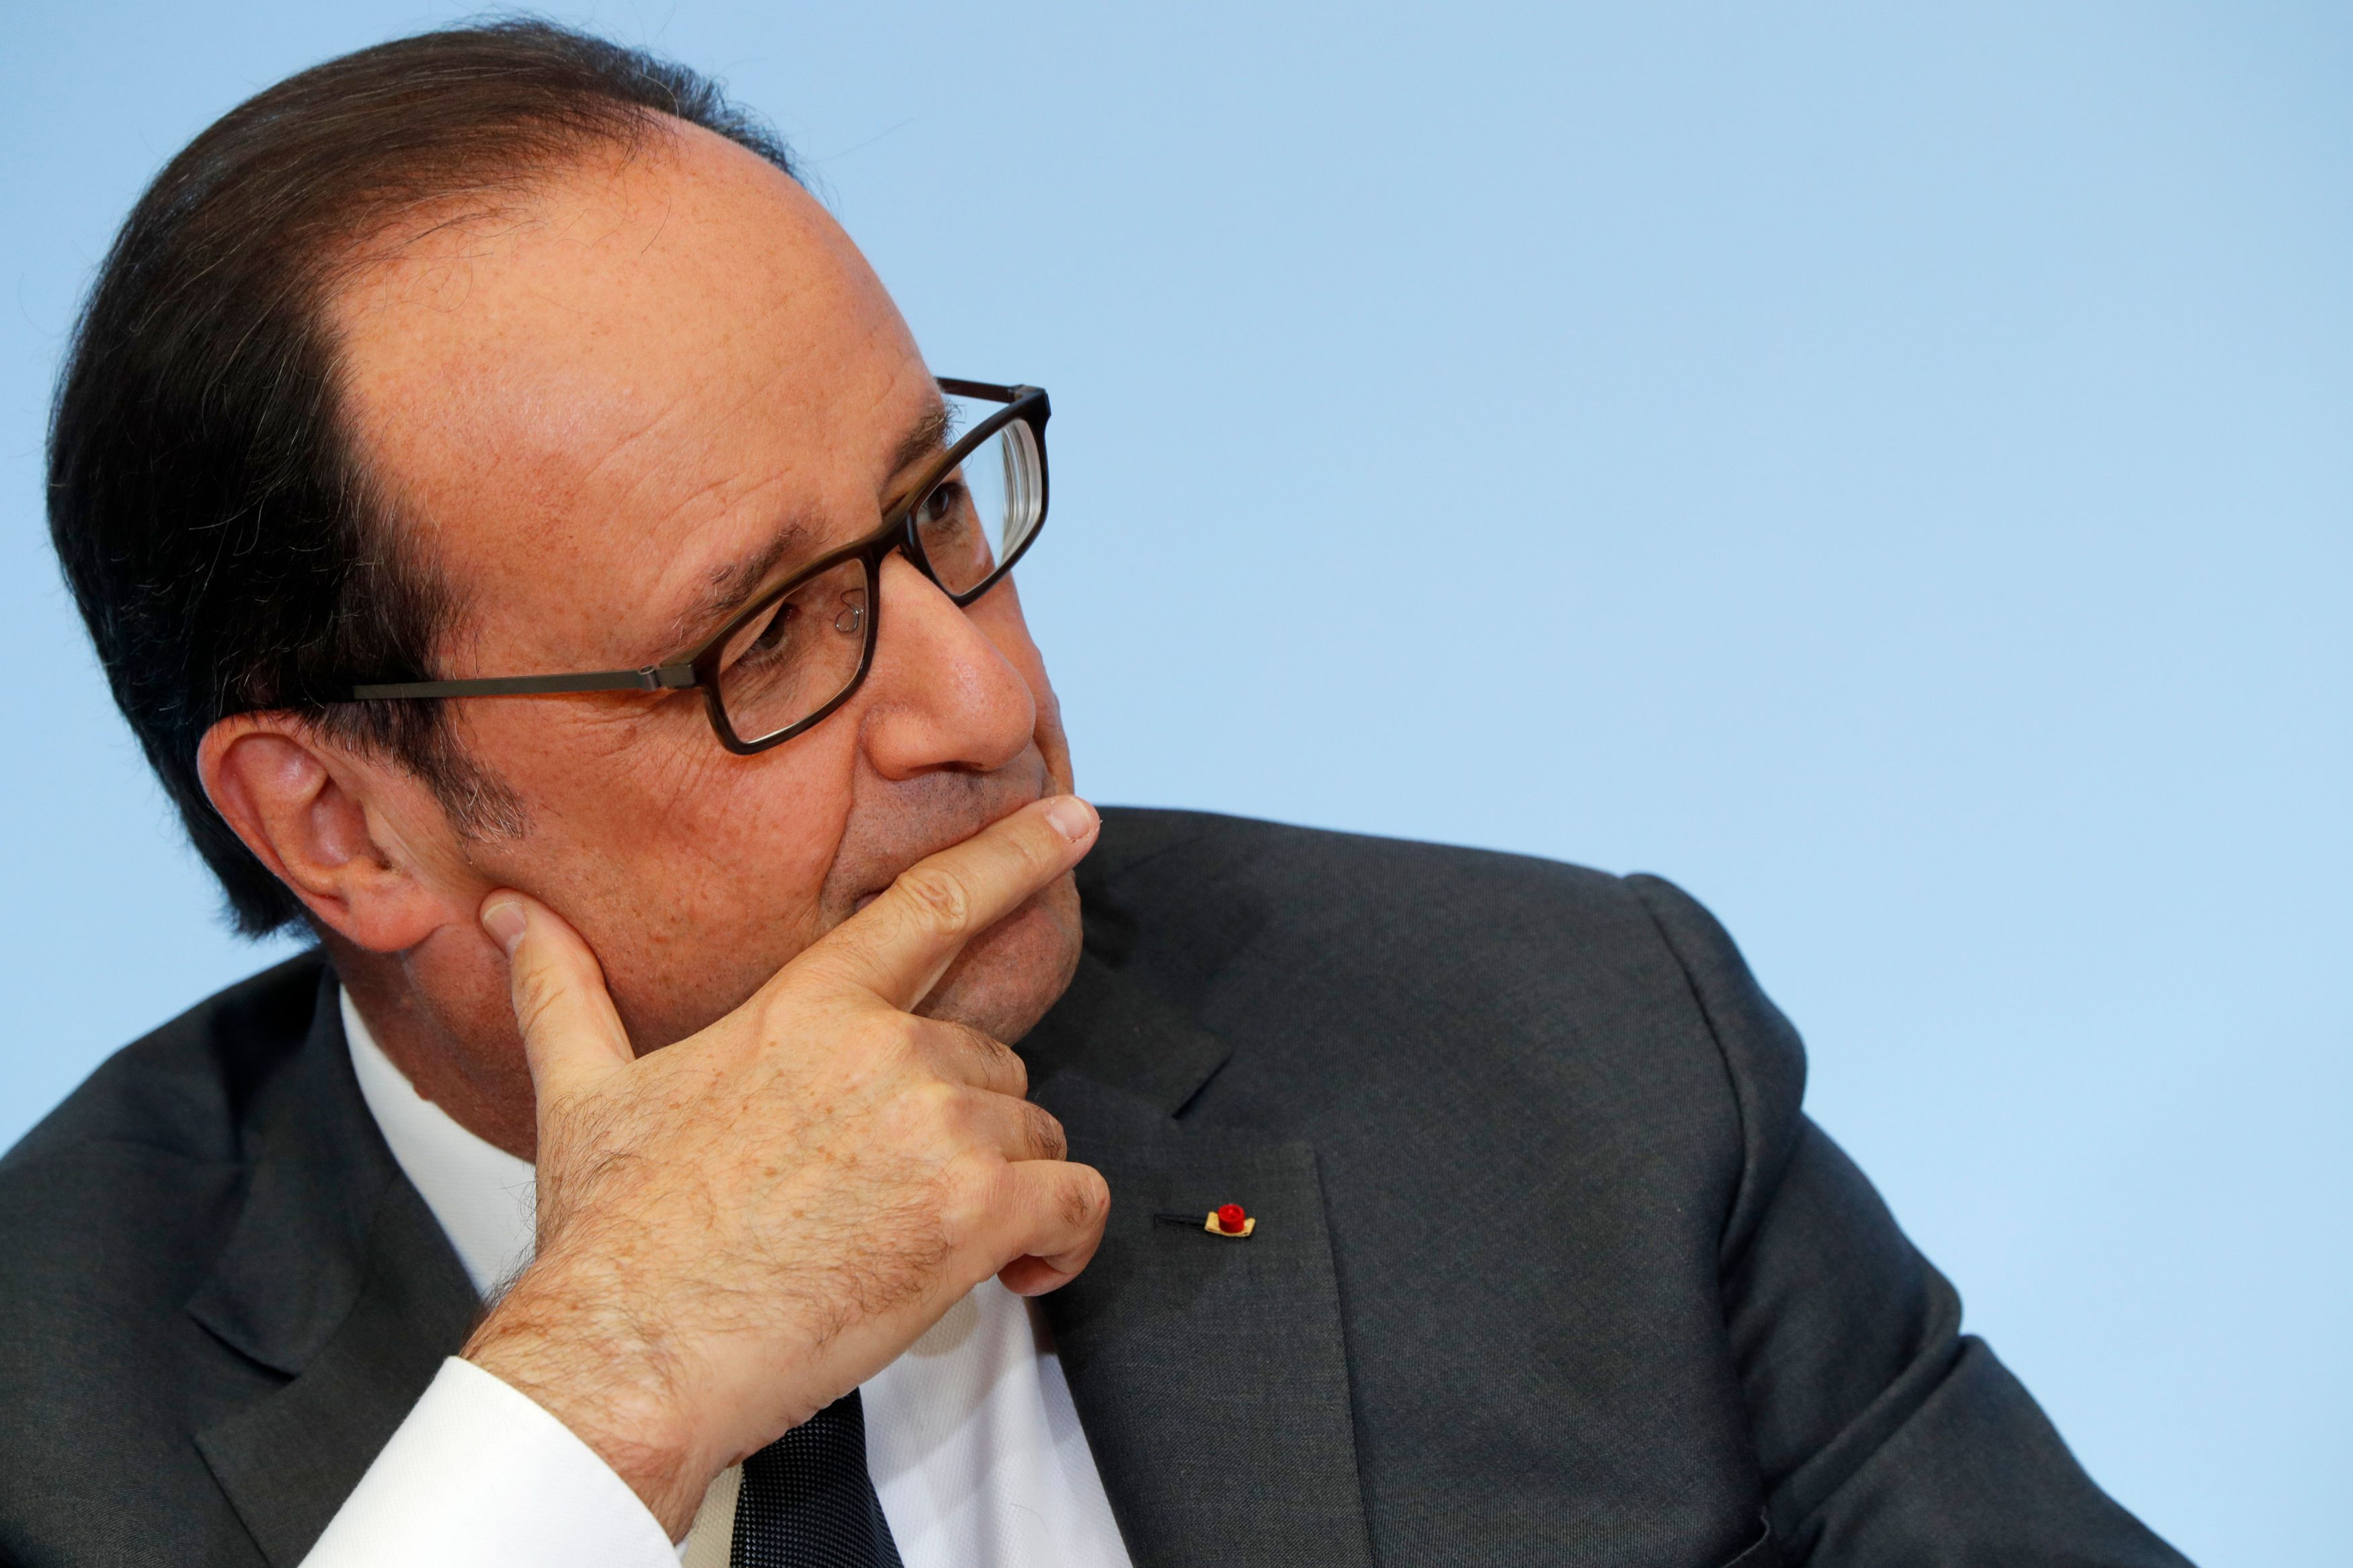 Vous avez dit que le Front national, ce n'est pas la France ! Mais savez-vous seulement ce qu'est la France, monsieur le Président ?